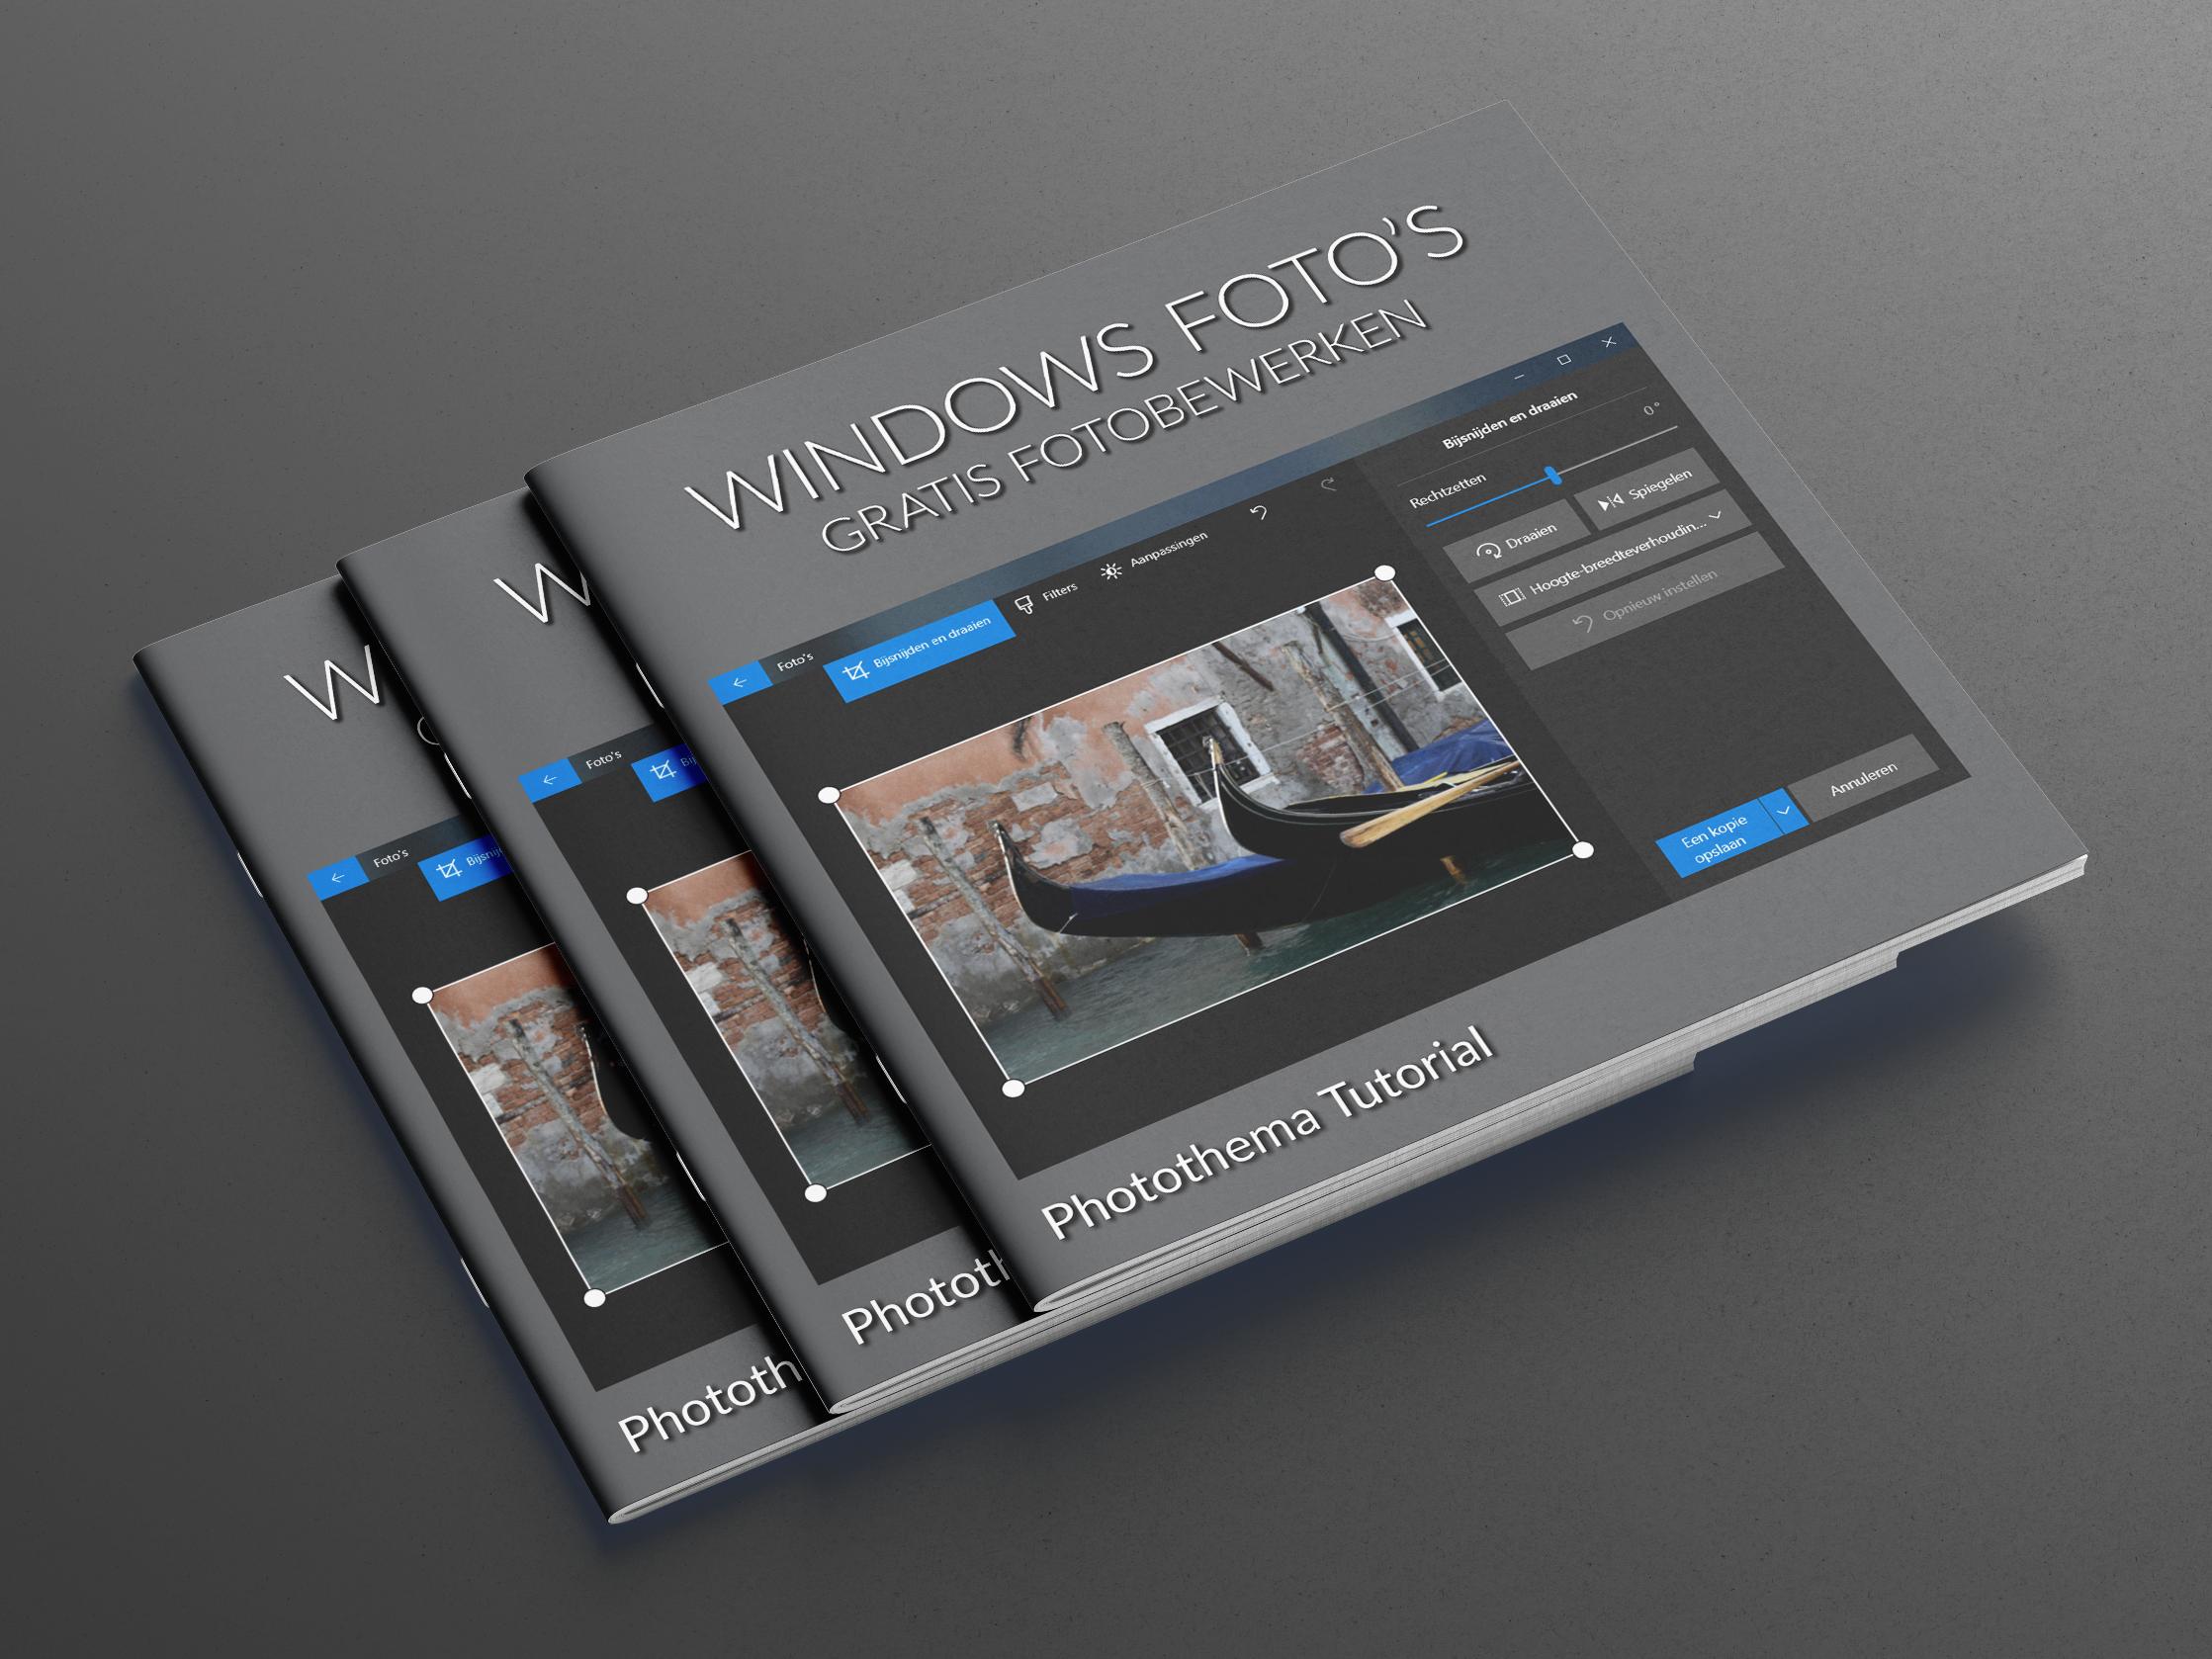 Foto's verkleinen met Windows Foto's